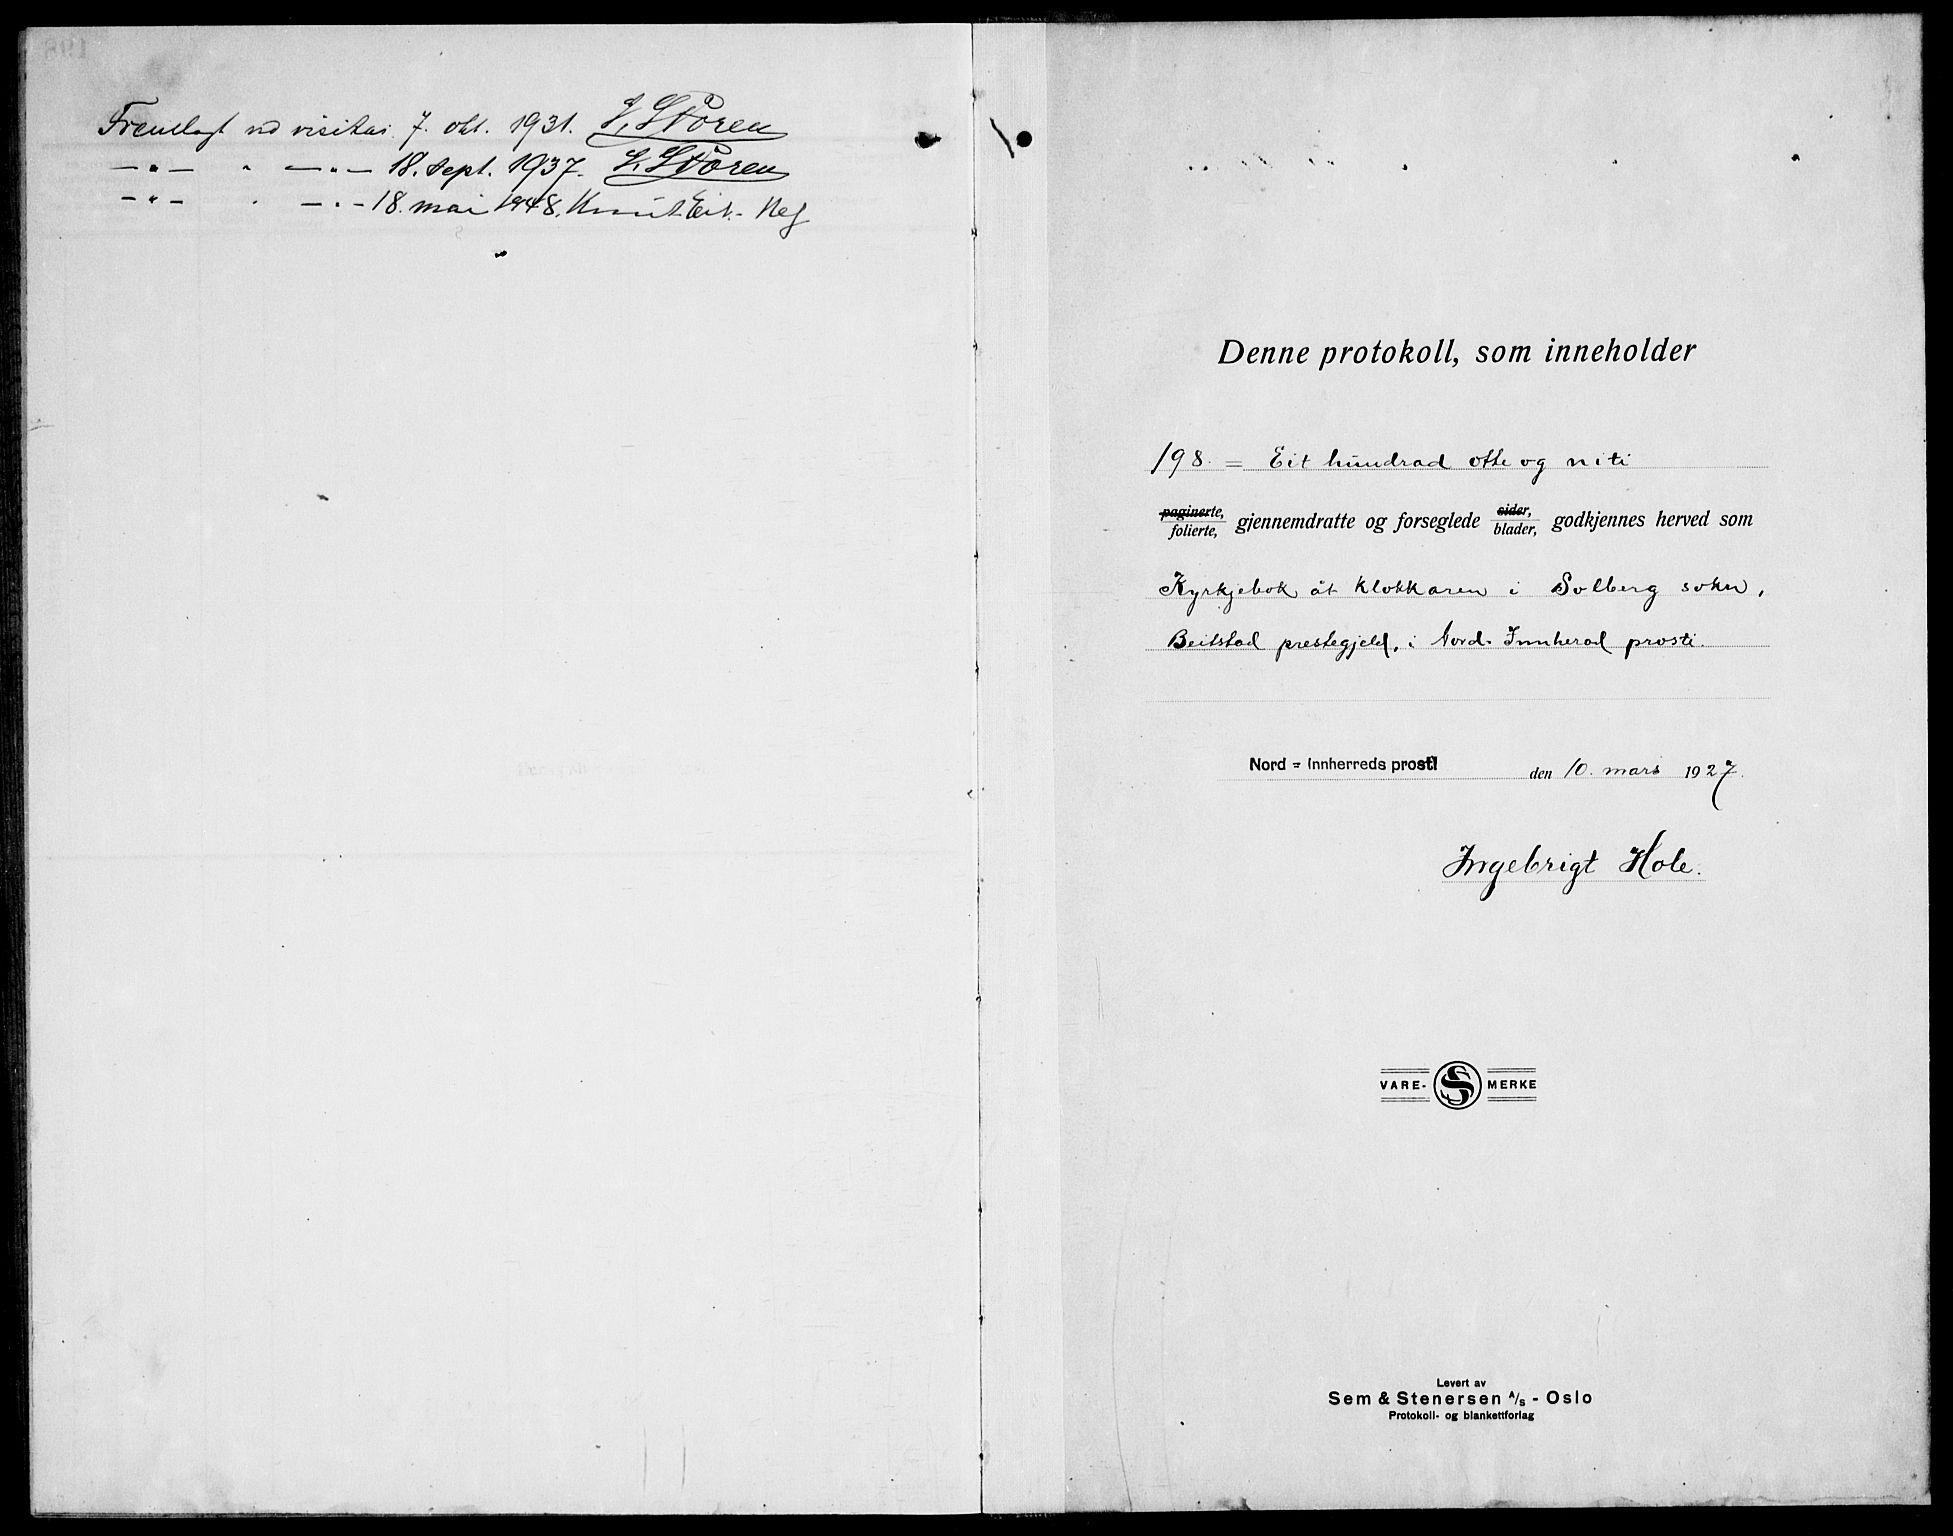 SAT, Ministerialprotokoller, klokkerbøker og fødselsregistre - Nord-Trøndelag, 741/L0403: Ministerialbok nr. 741C04, 1925-1944